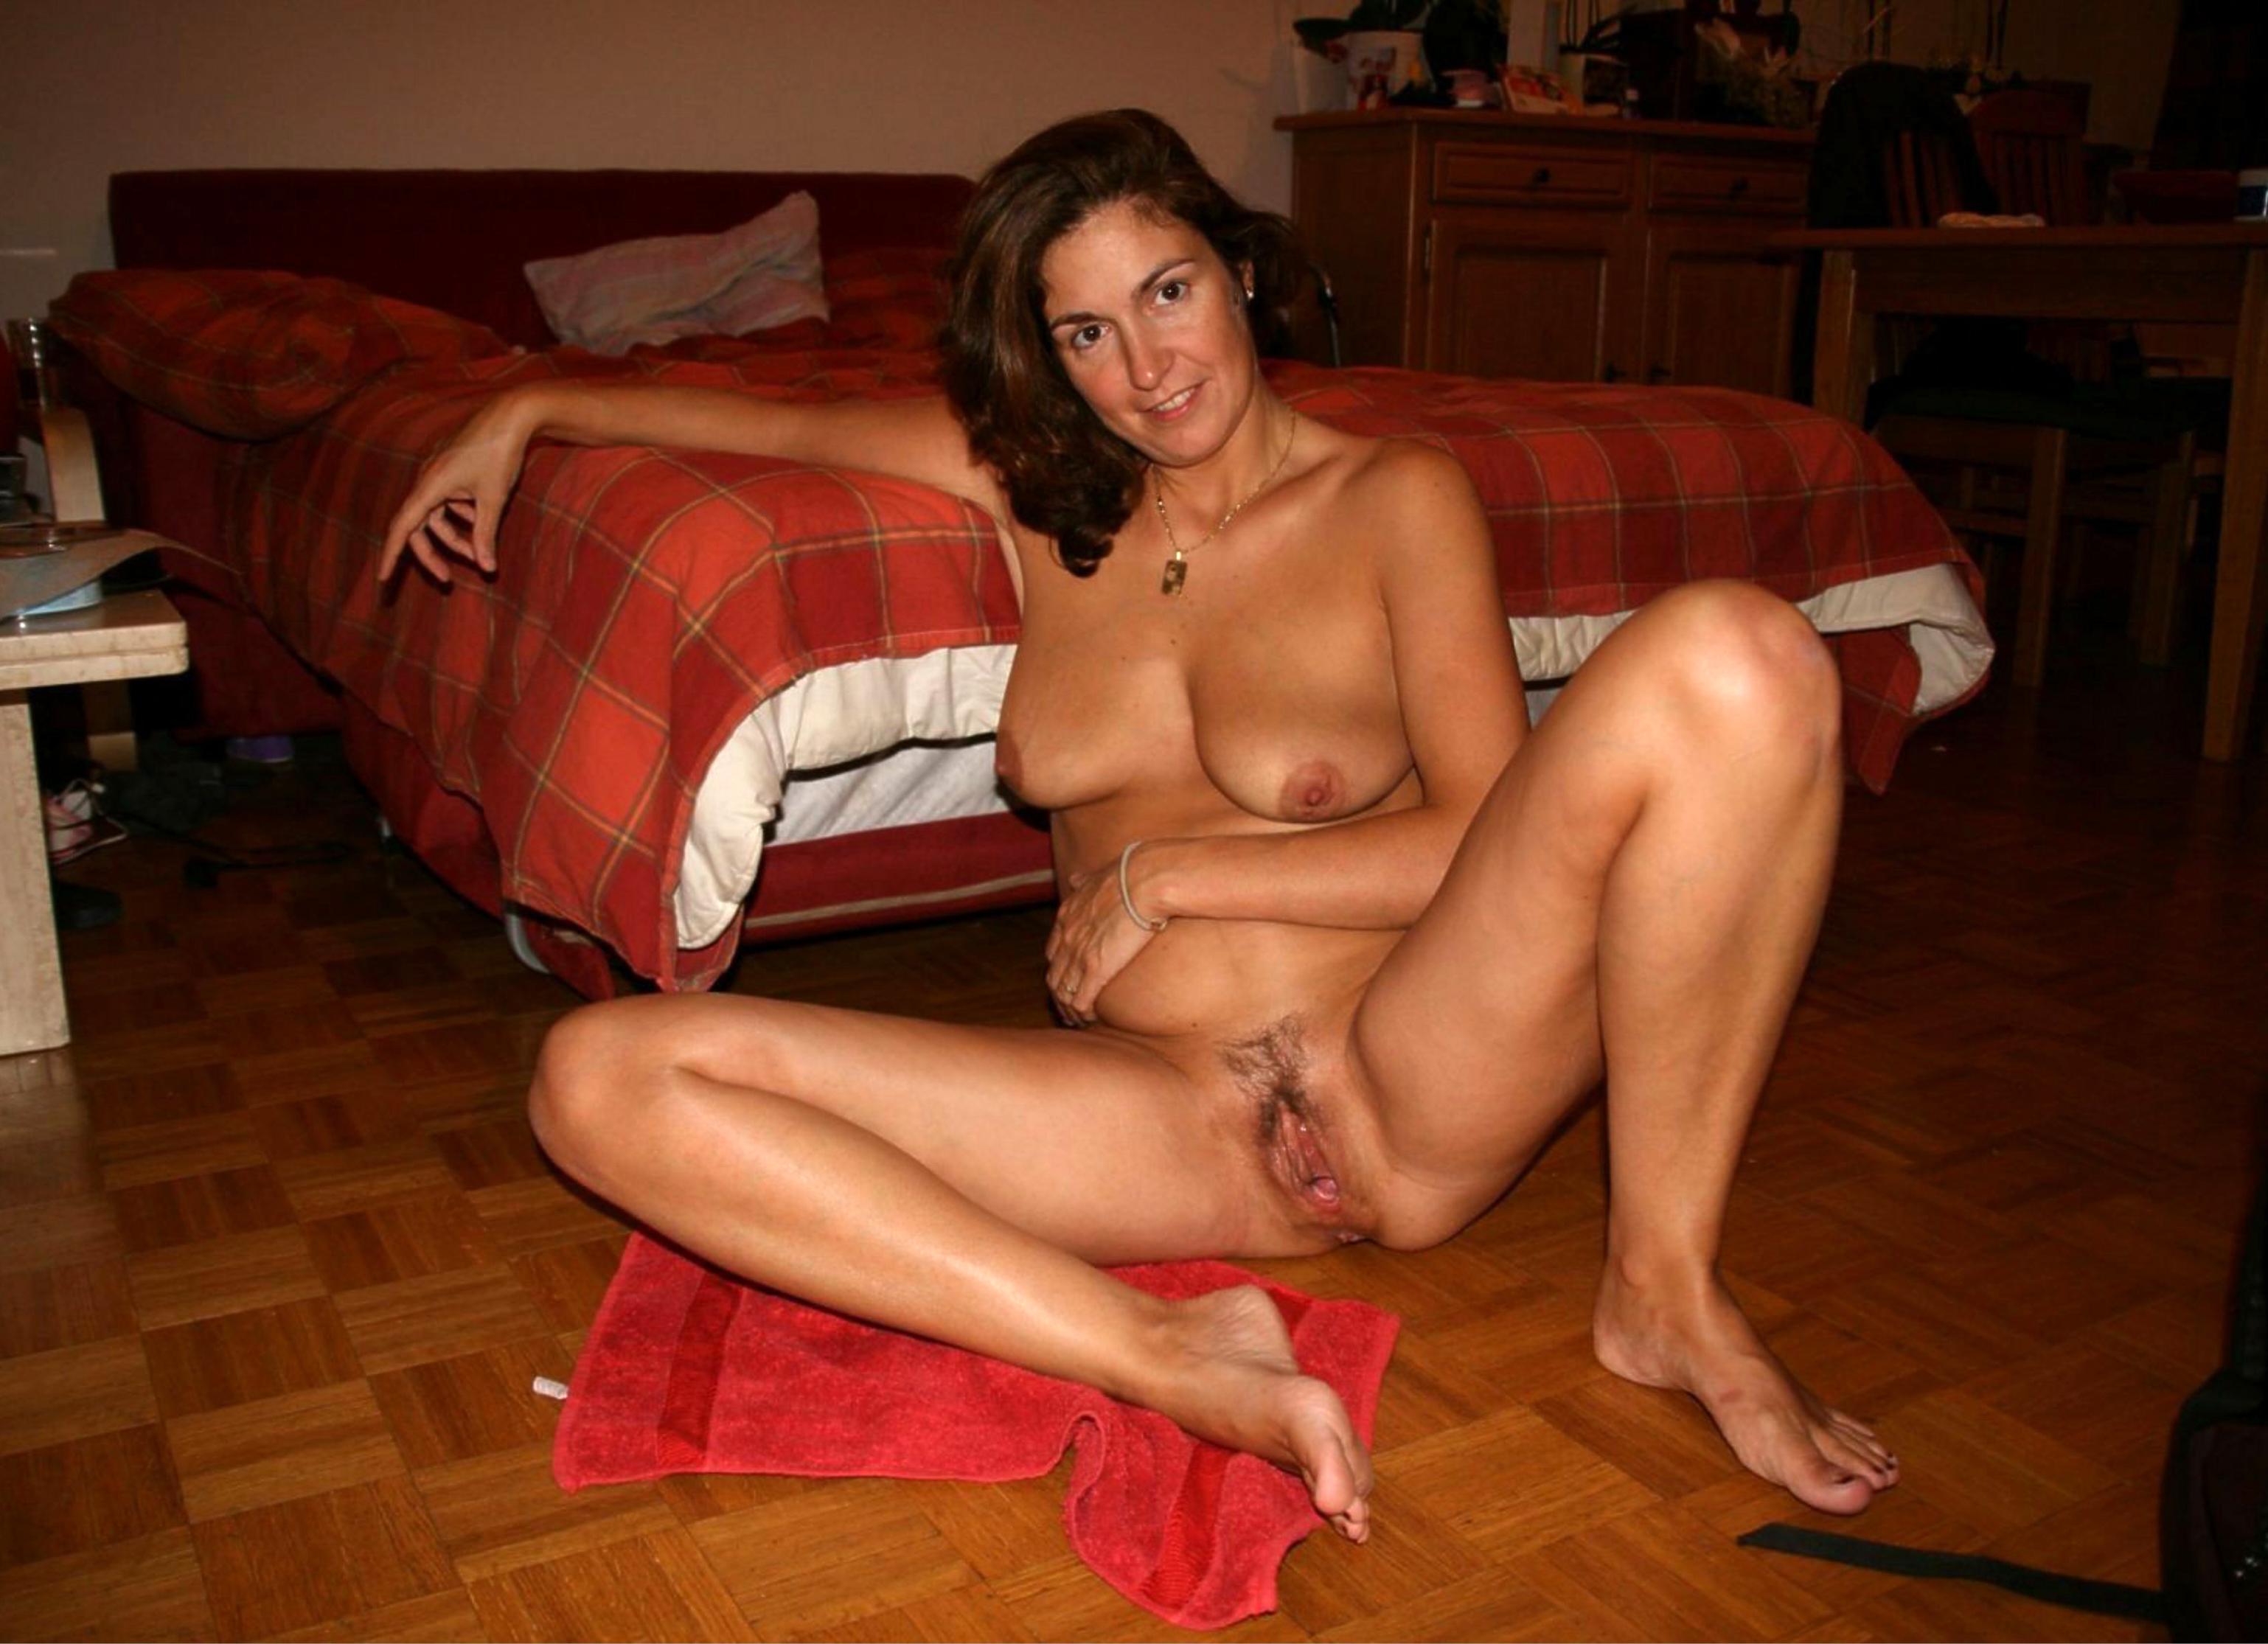 sexy gloominess ladies nudes tumblr